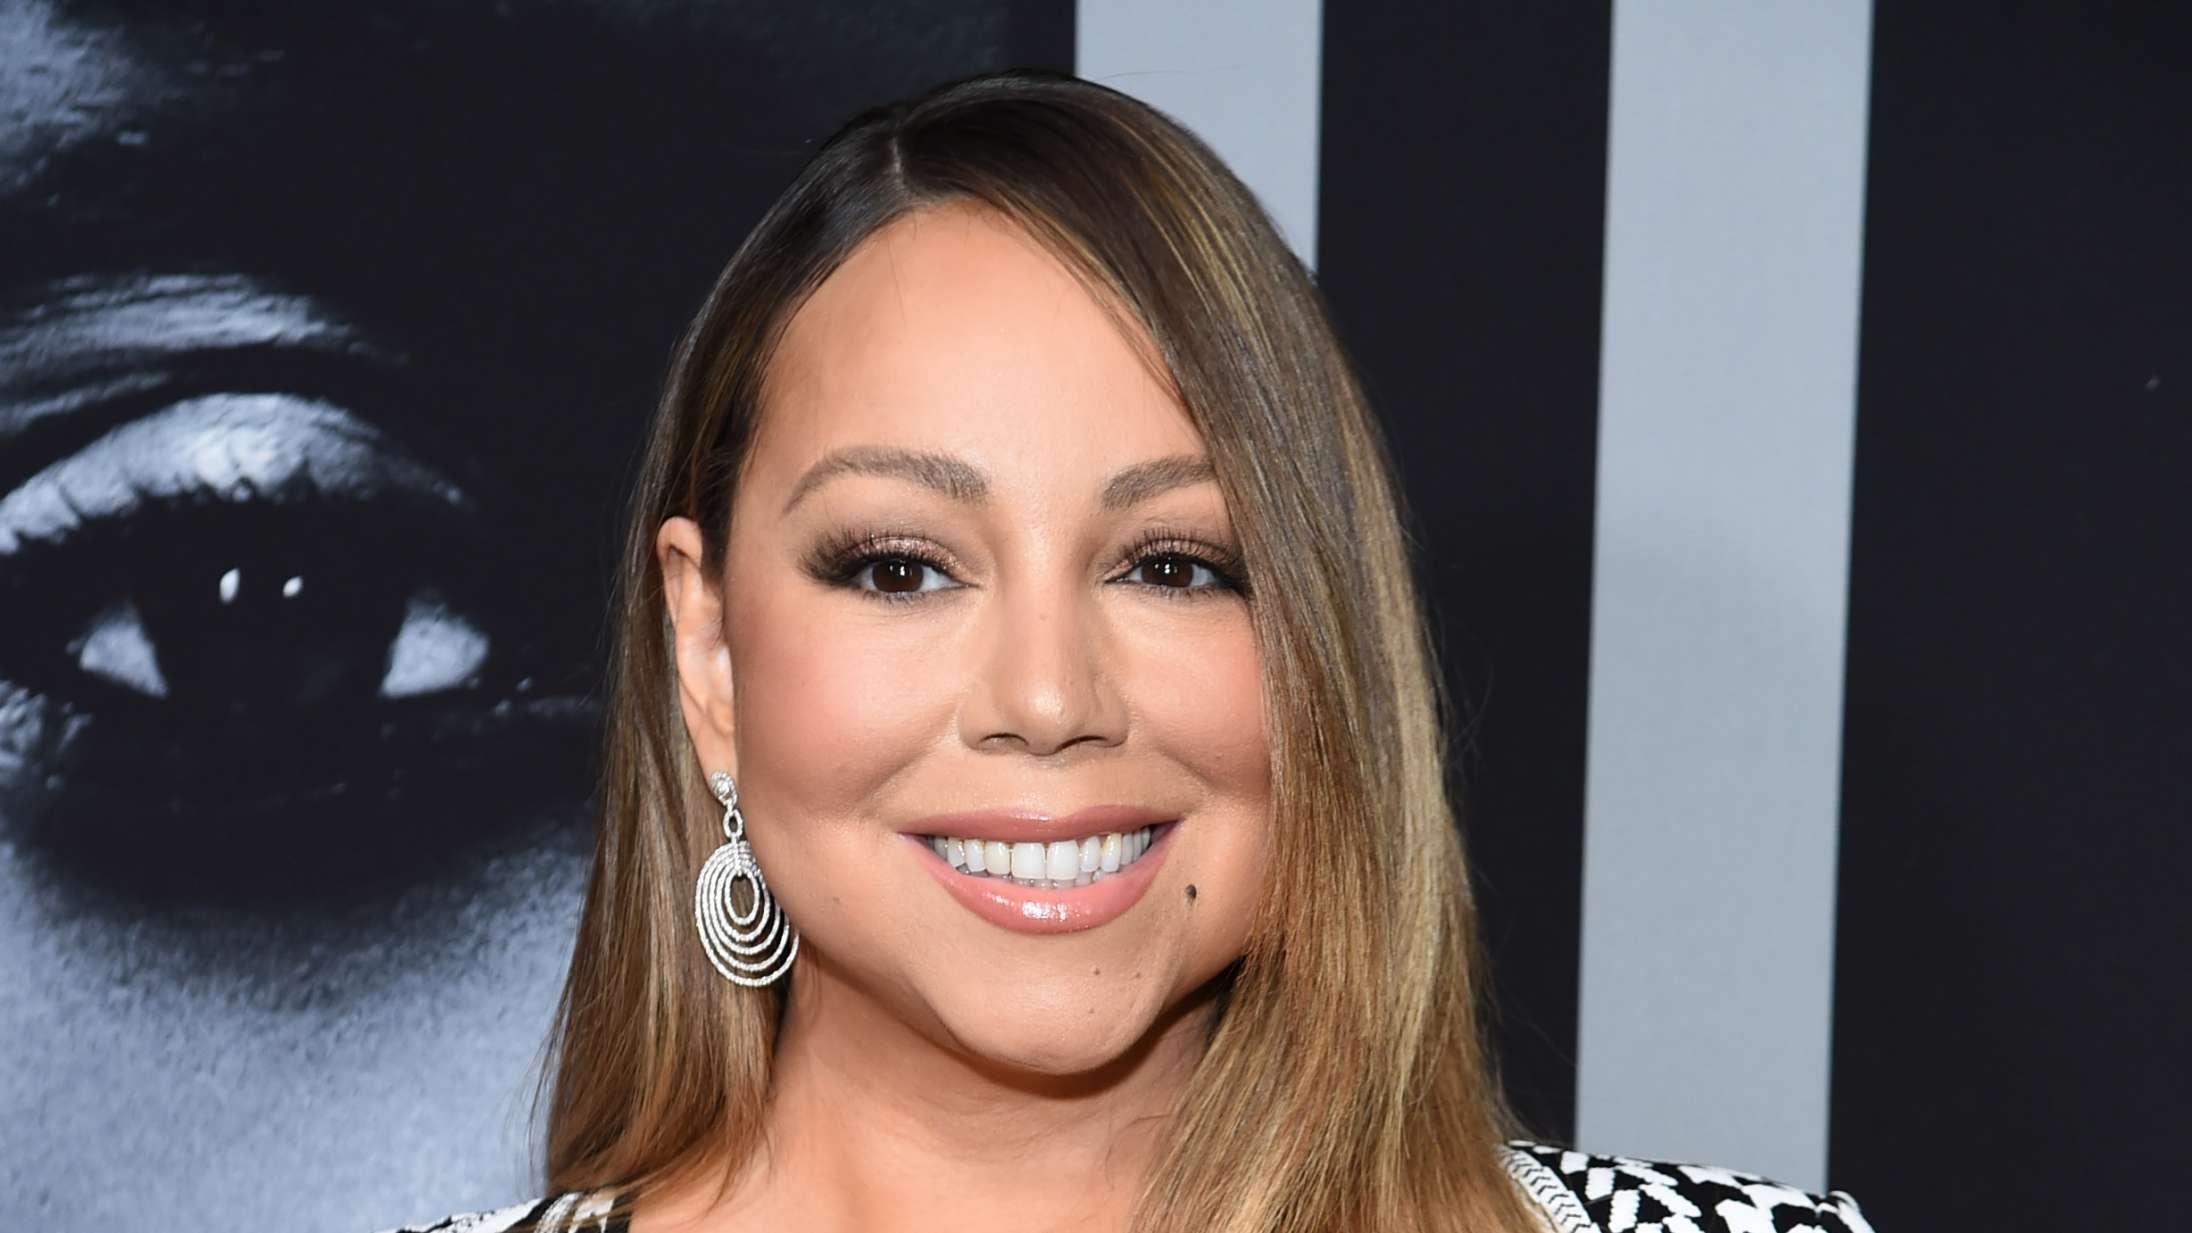 Har Mariah Carey lige lavet årets Eminem-sviner på TikTok?